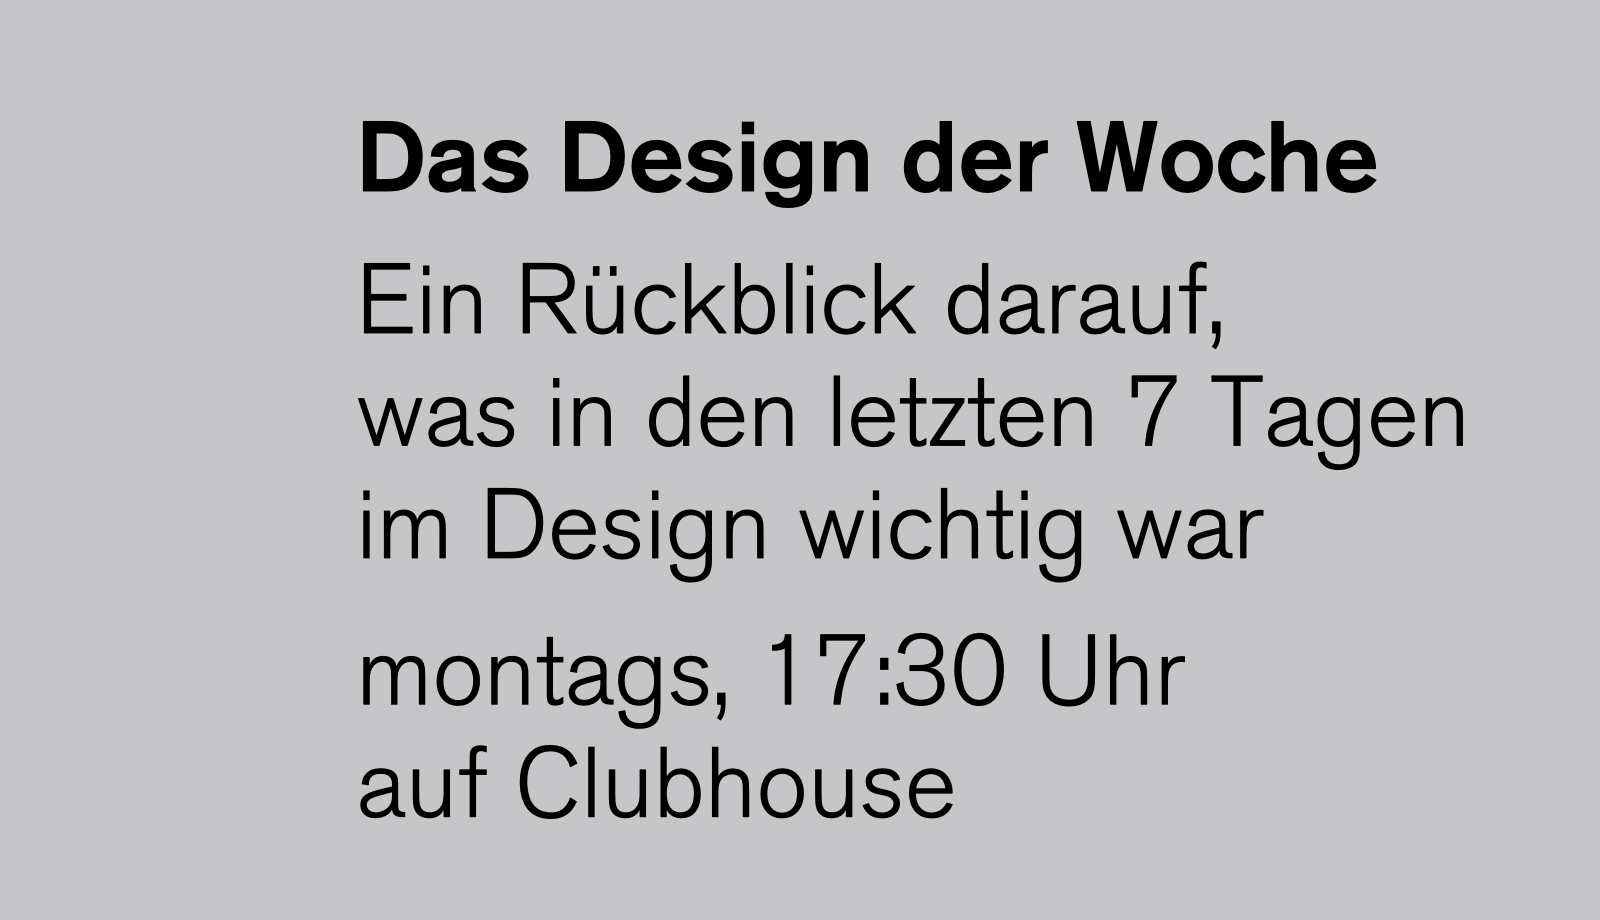 Designkritik_ReneSpitz_Das-Design-der-Woche-auf-Clubhouse